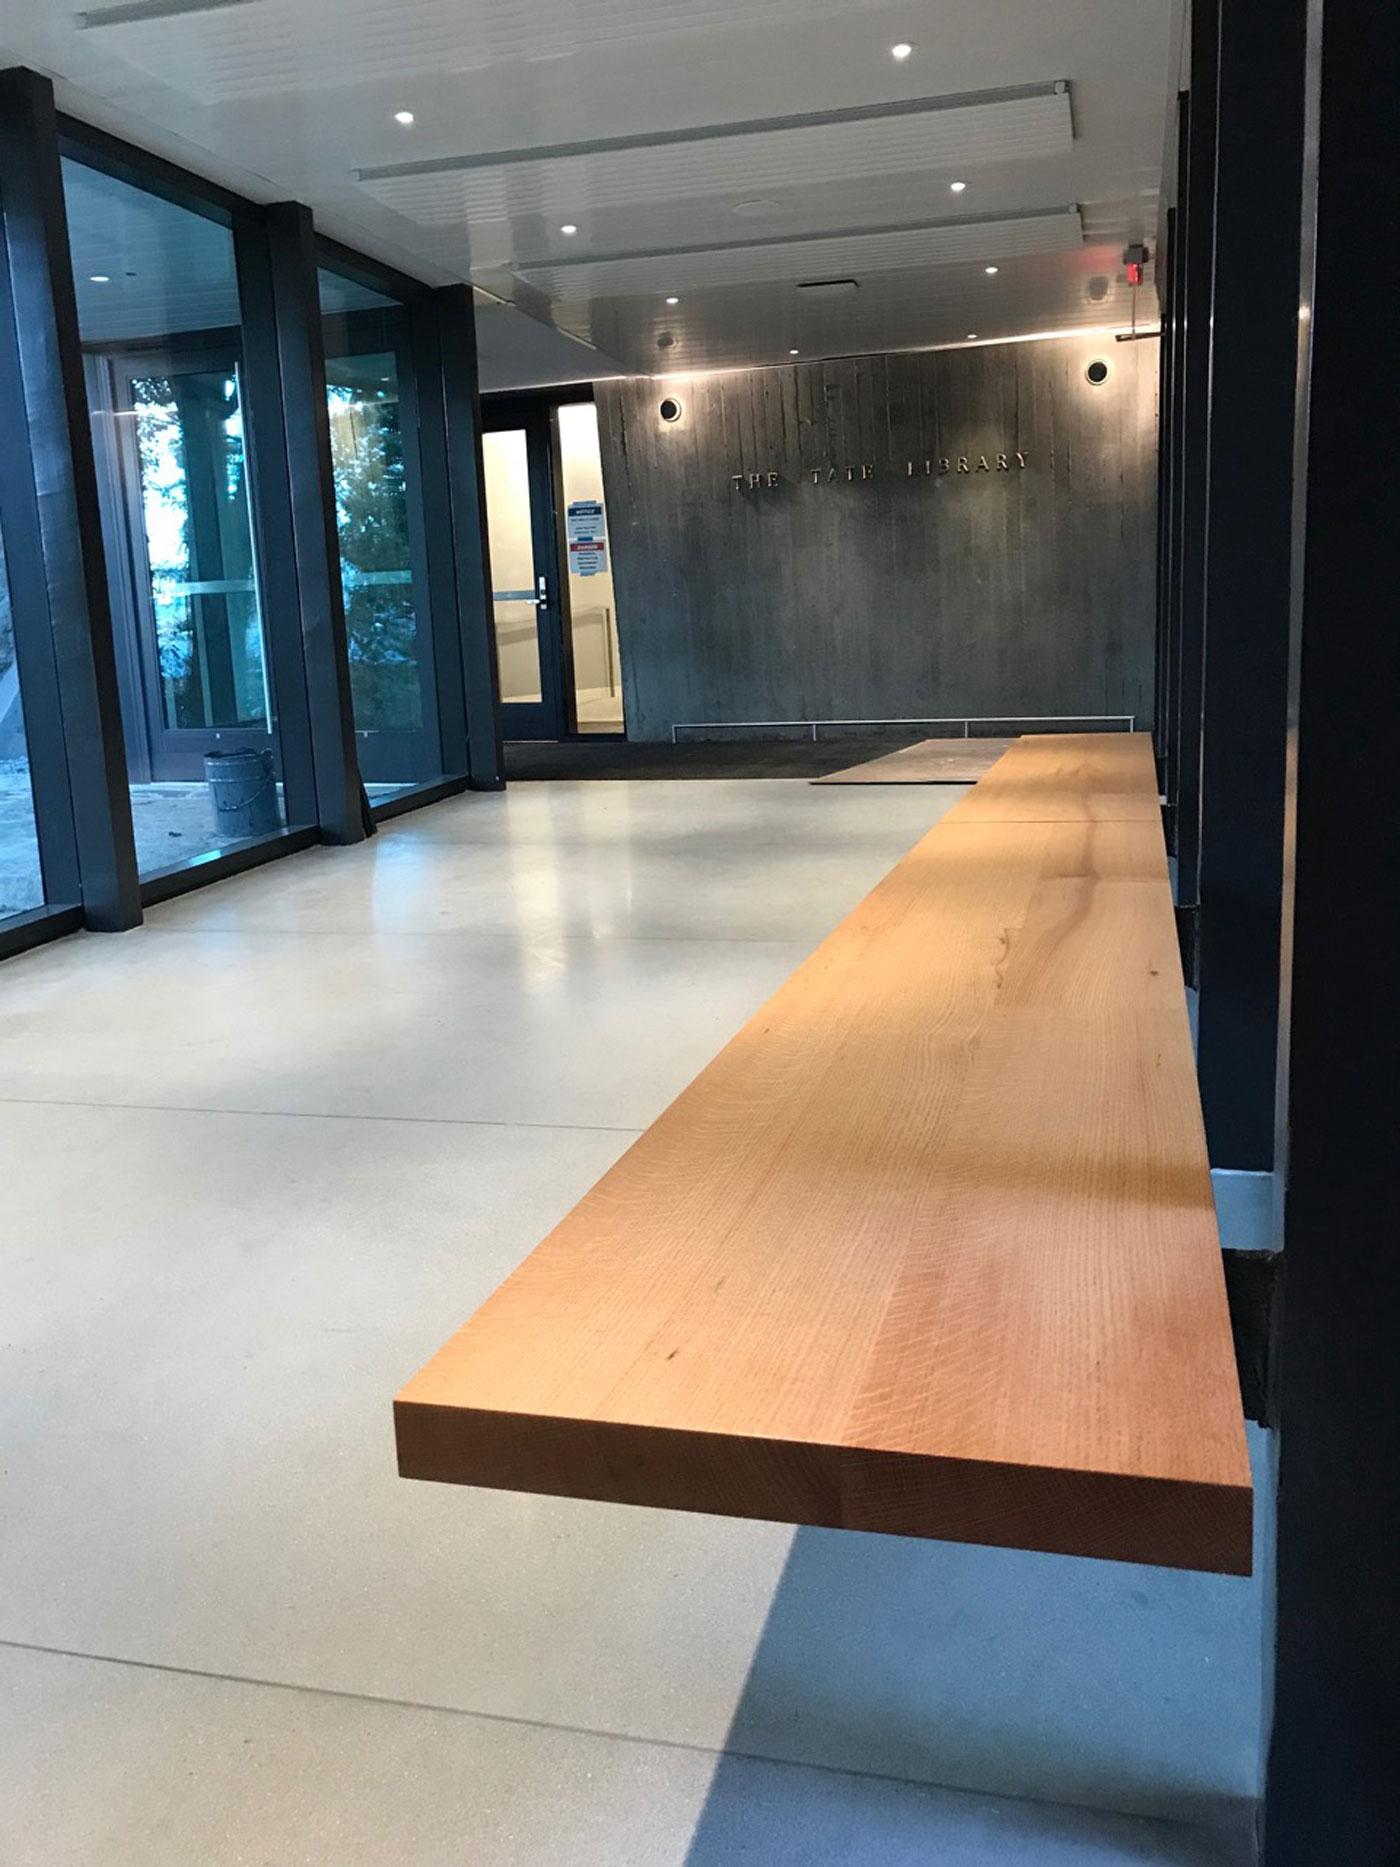 tate-vestibule-bench29